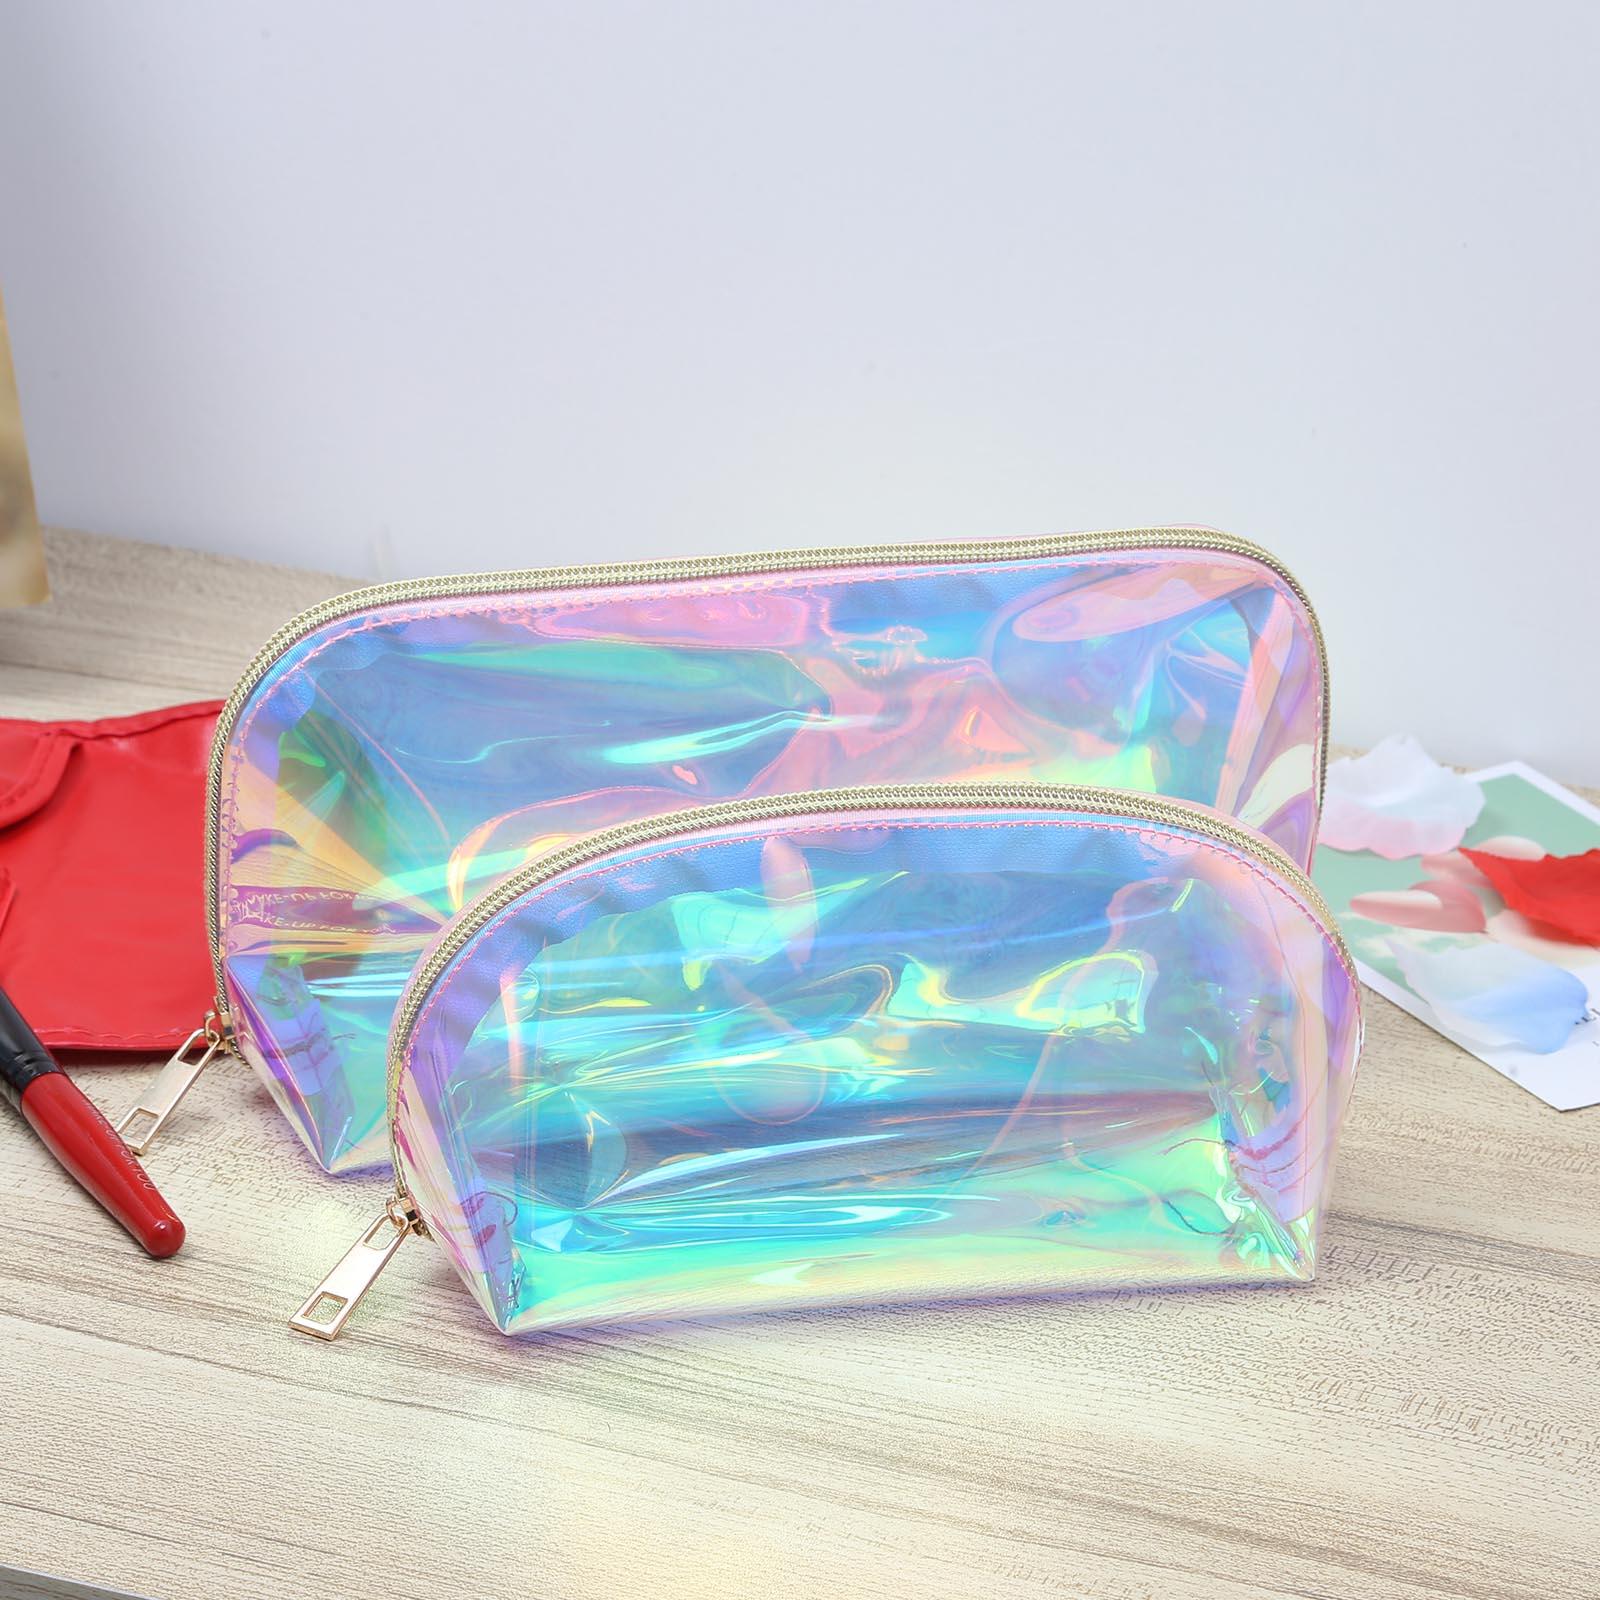 Женская Лазерная косметичка, прозрачный водонепроницаемый Органайзер из ПВХ для хранения косметики, канцелярские принадлежности, чехол дл...